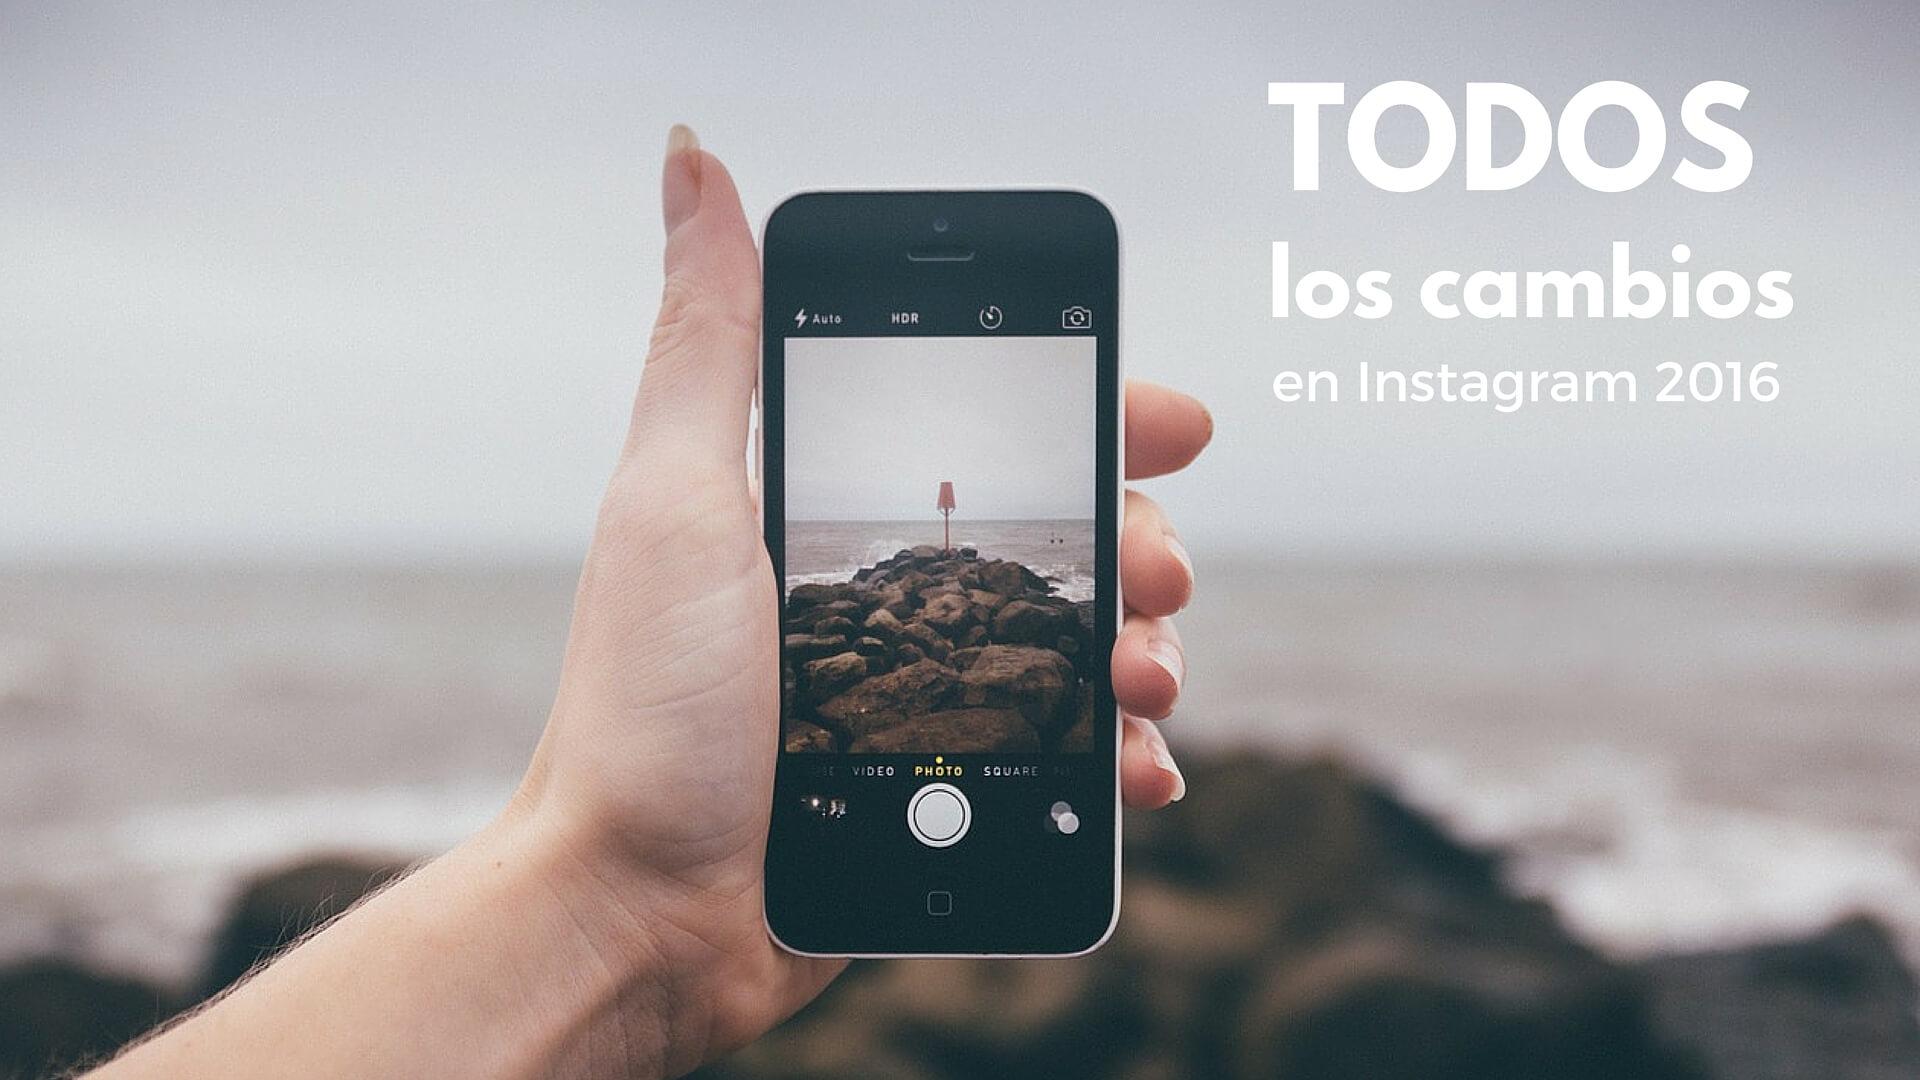 Cambios en Instagram 2016: todo lo que necesitas saber